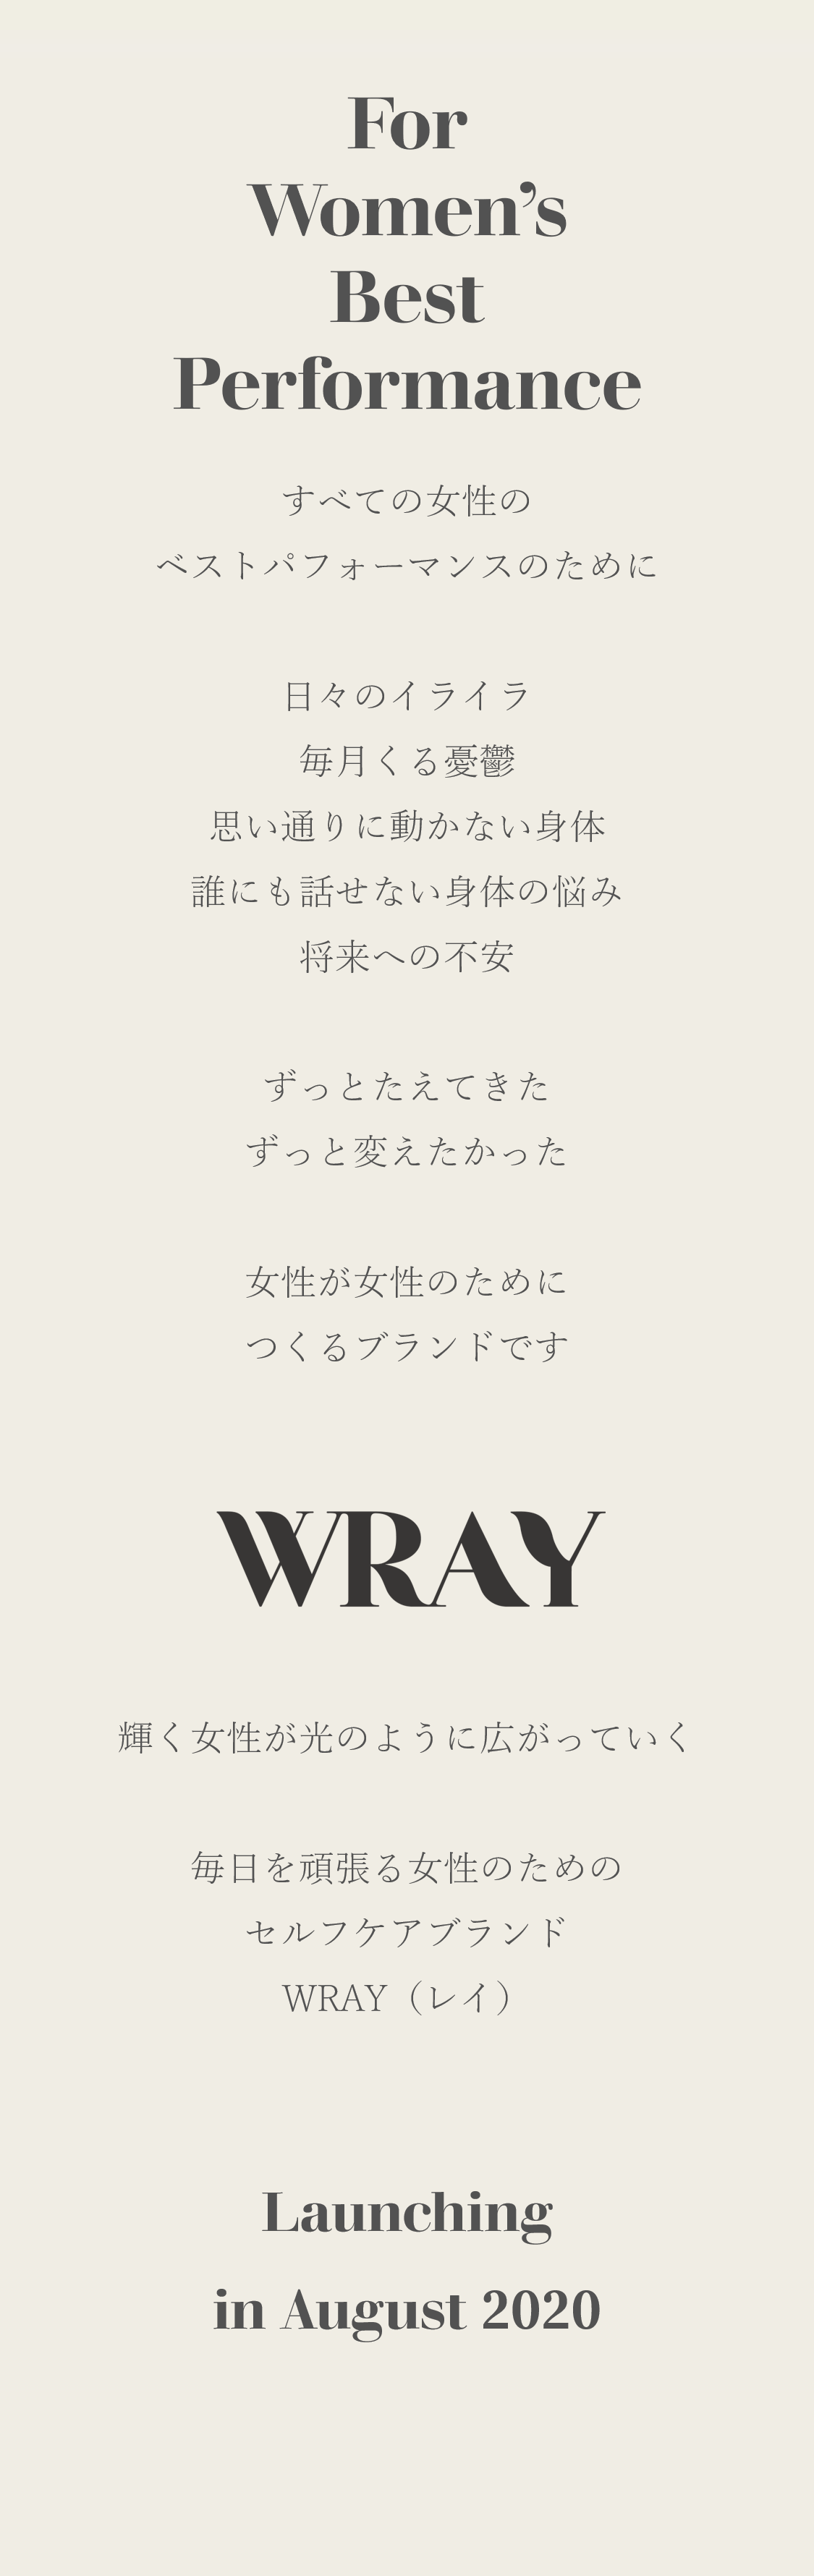 WRAY(レイ)ブランドコンセプト